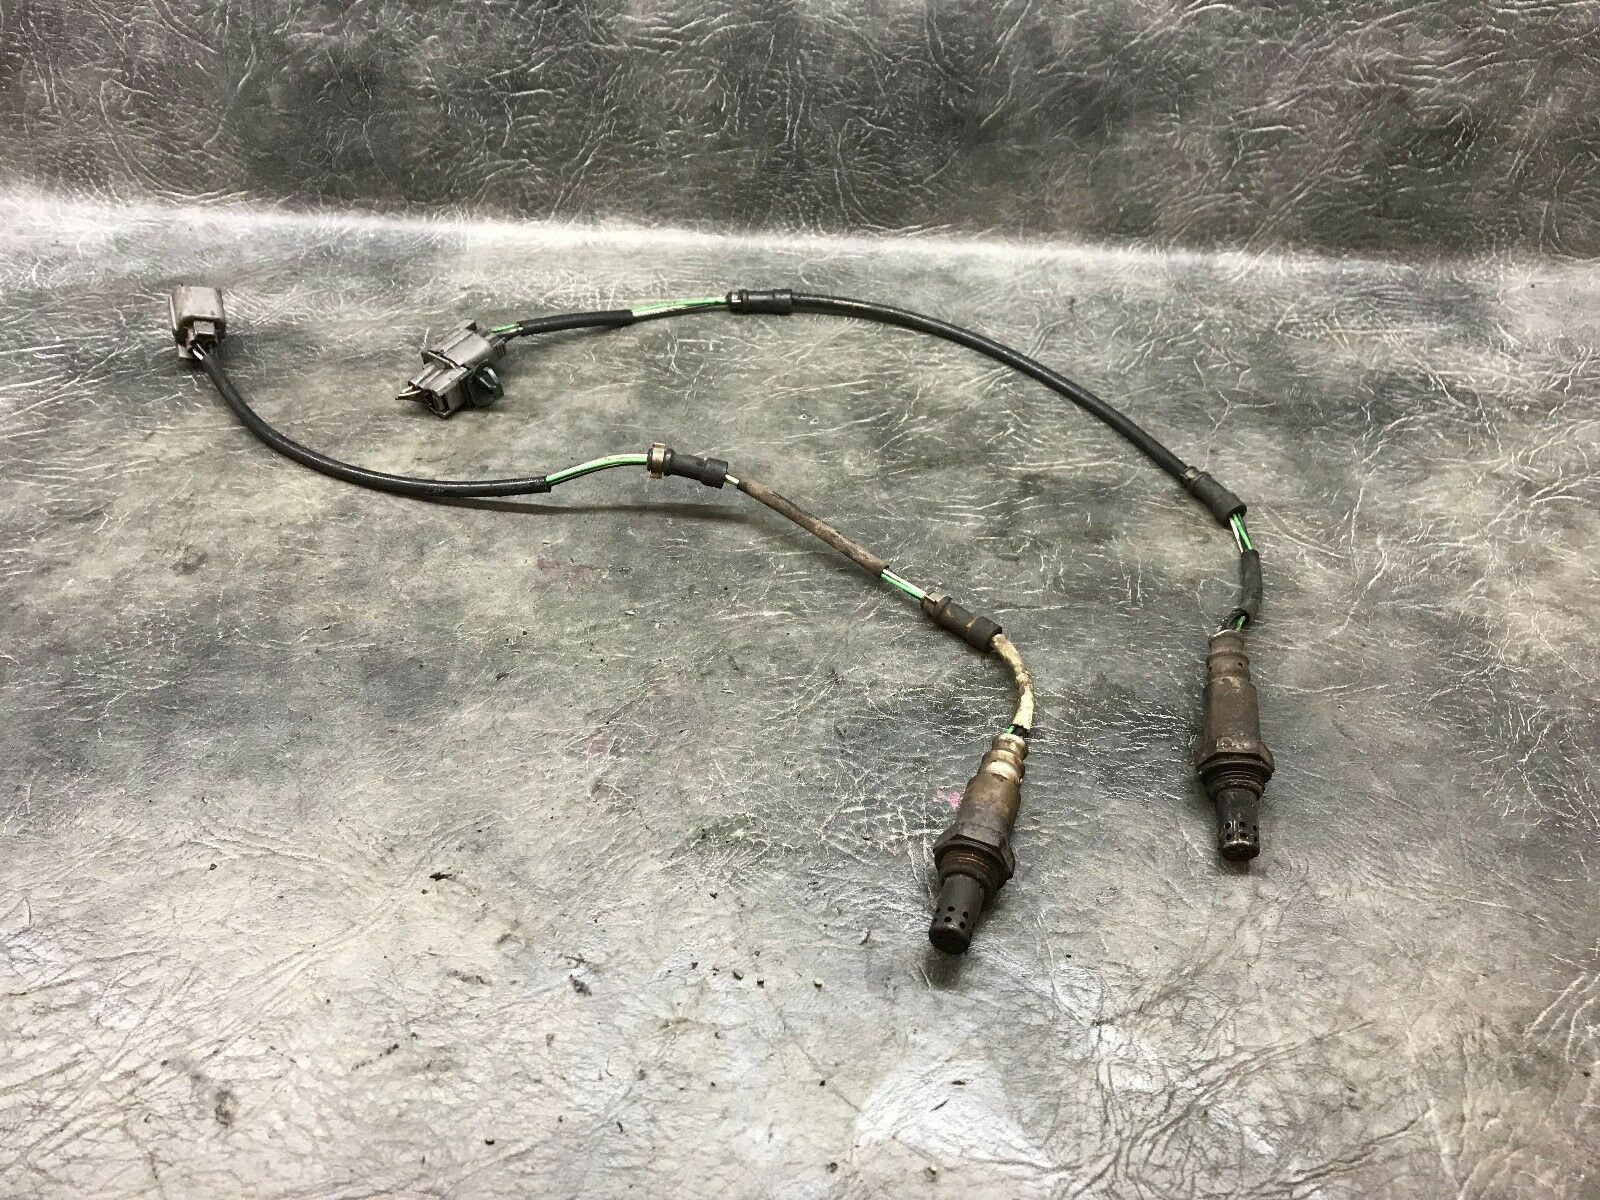 01-05 HONDA CIVIC MK7 5DR 1.4 I-VTEC LAMBDA SENSOR X 1